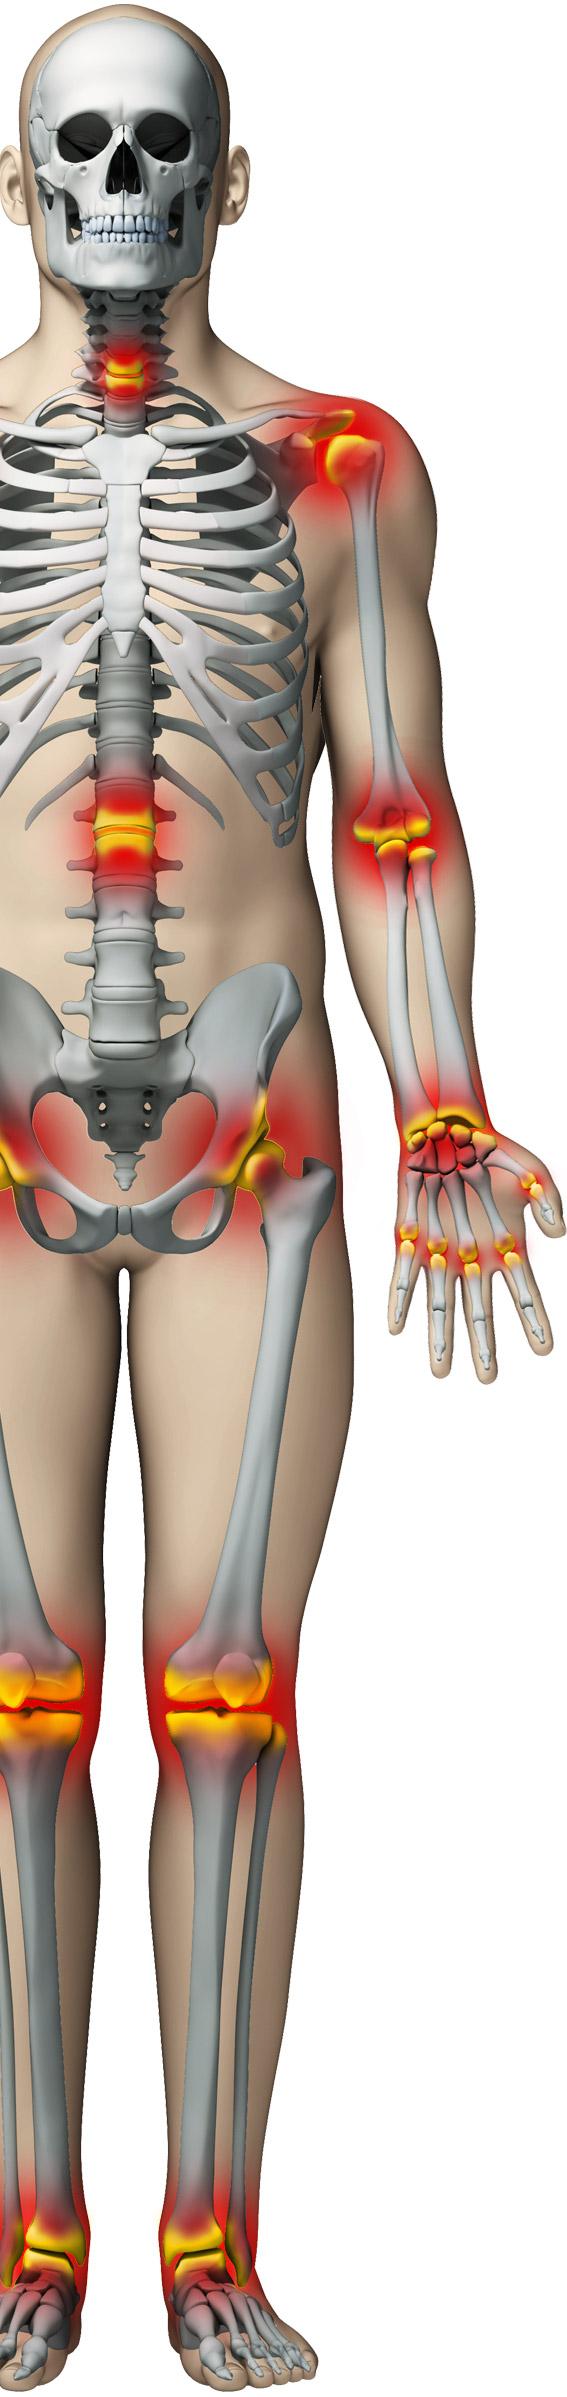 senzație de durere și frig în articulație medicamente pentru tratamentul artrozei cervicale